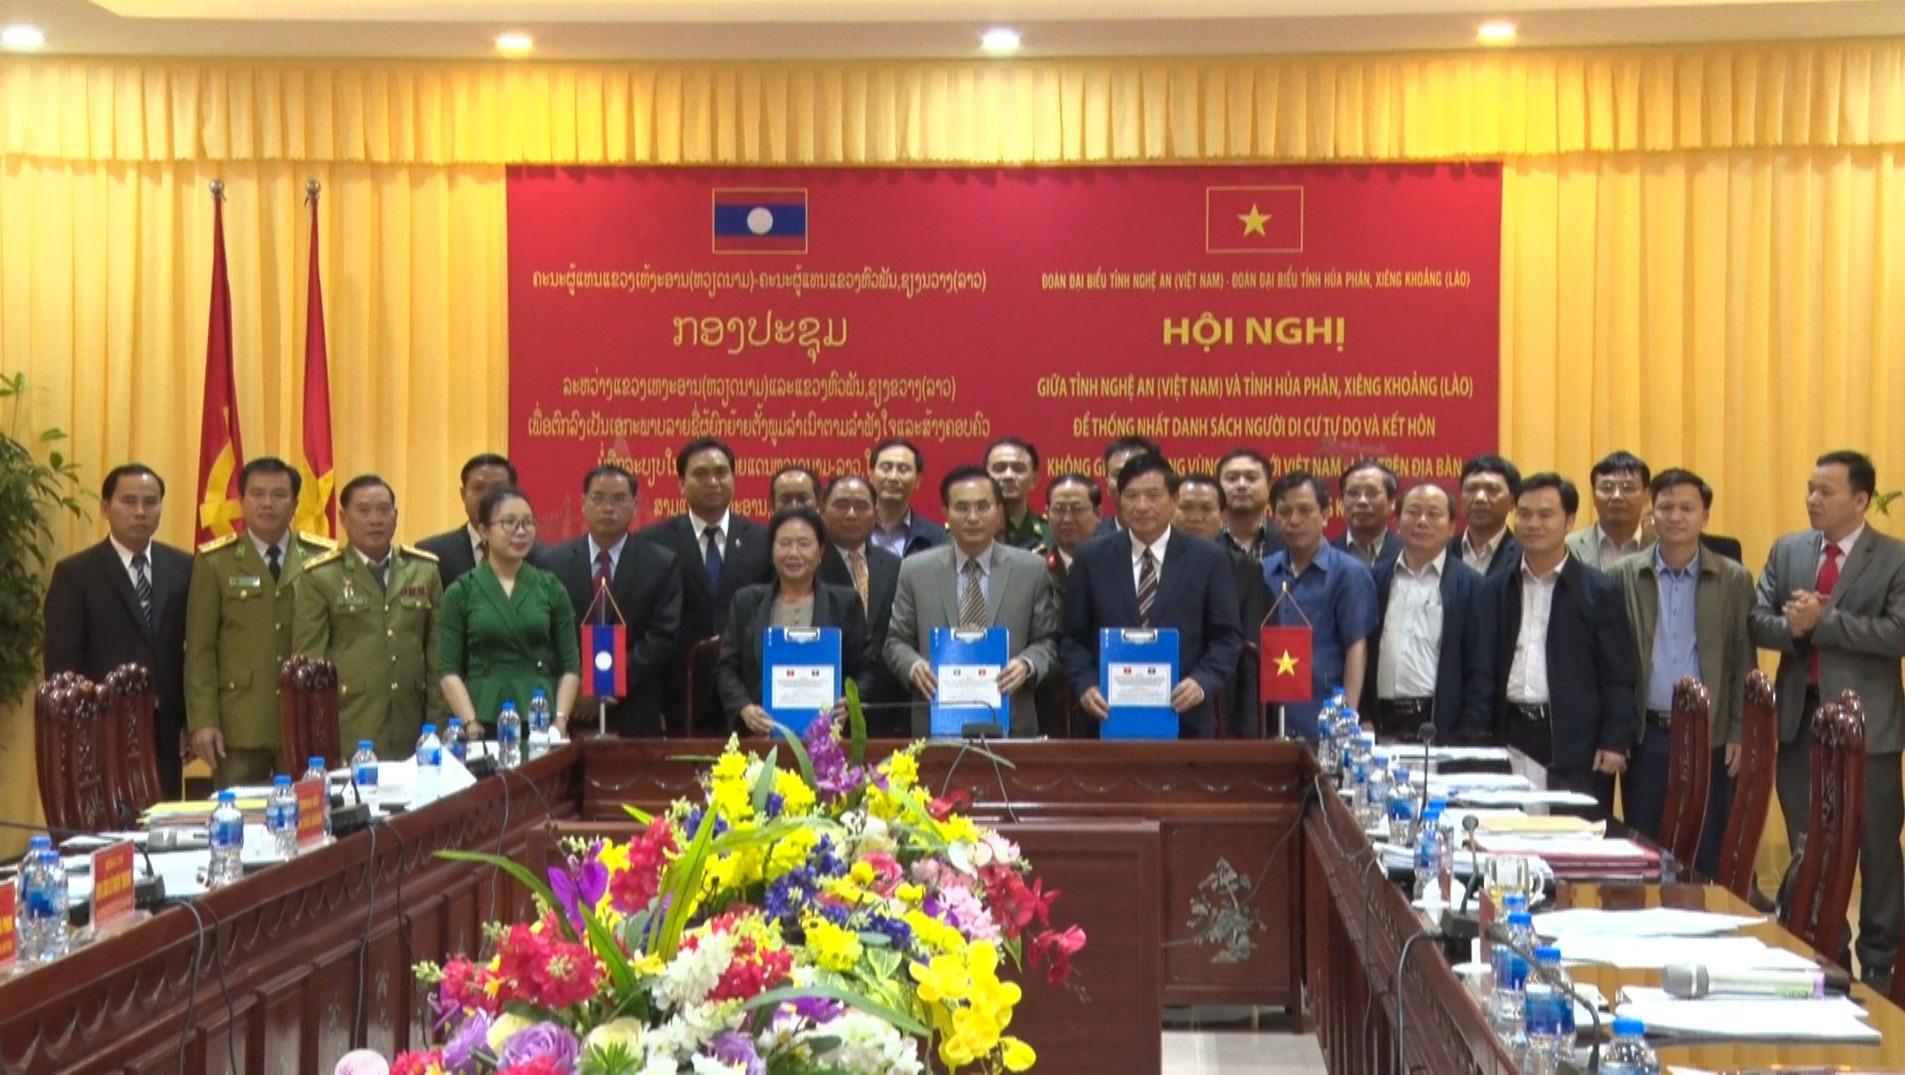 Hơn 450 người Nghệ An di cư tự do, kết hôn không giá thú tại Lào - Ảnh 2.